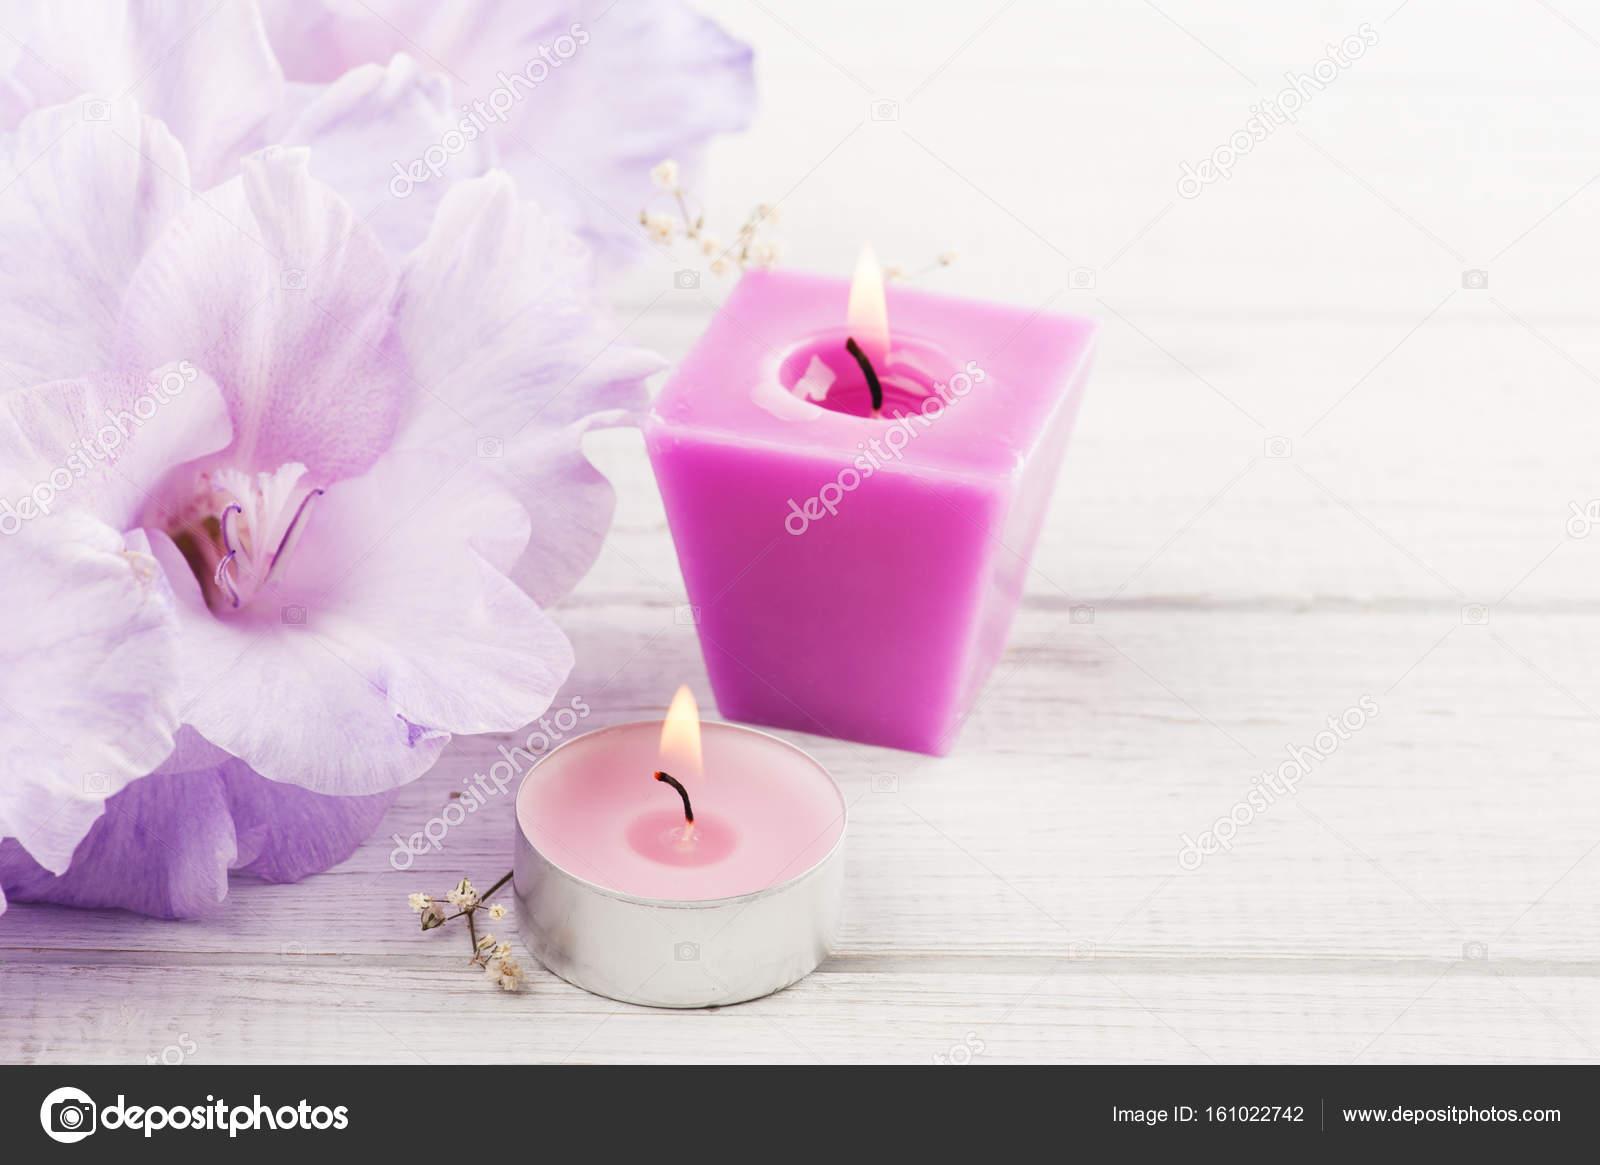 https://st3.depositphotos.com/3608211/16102/i/1600/depositphotos_161022742-stockafbeelding-bloemen-en-verlichte-kaars-op.jpg